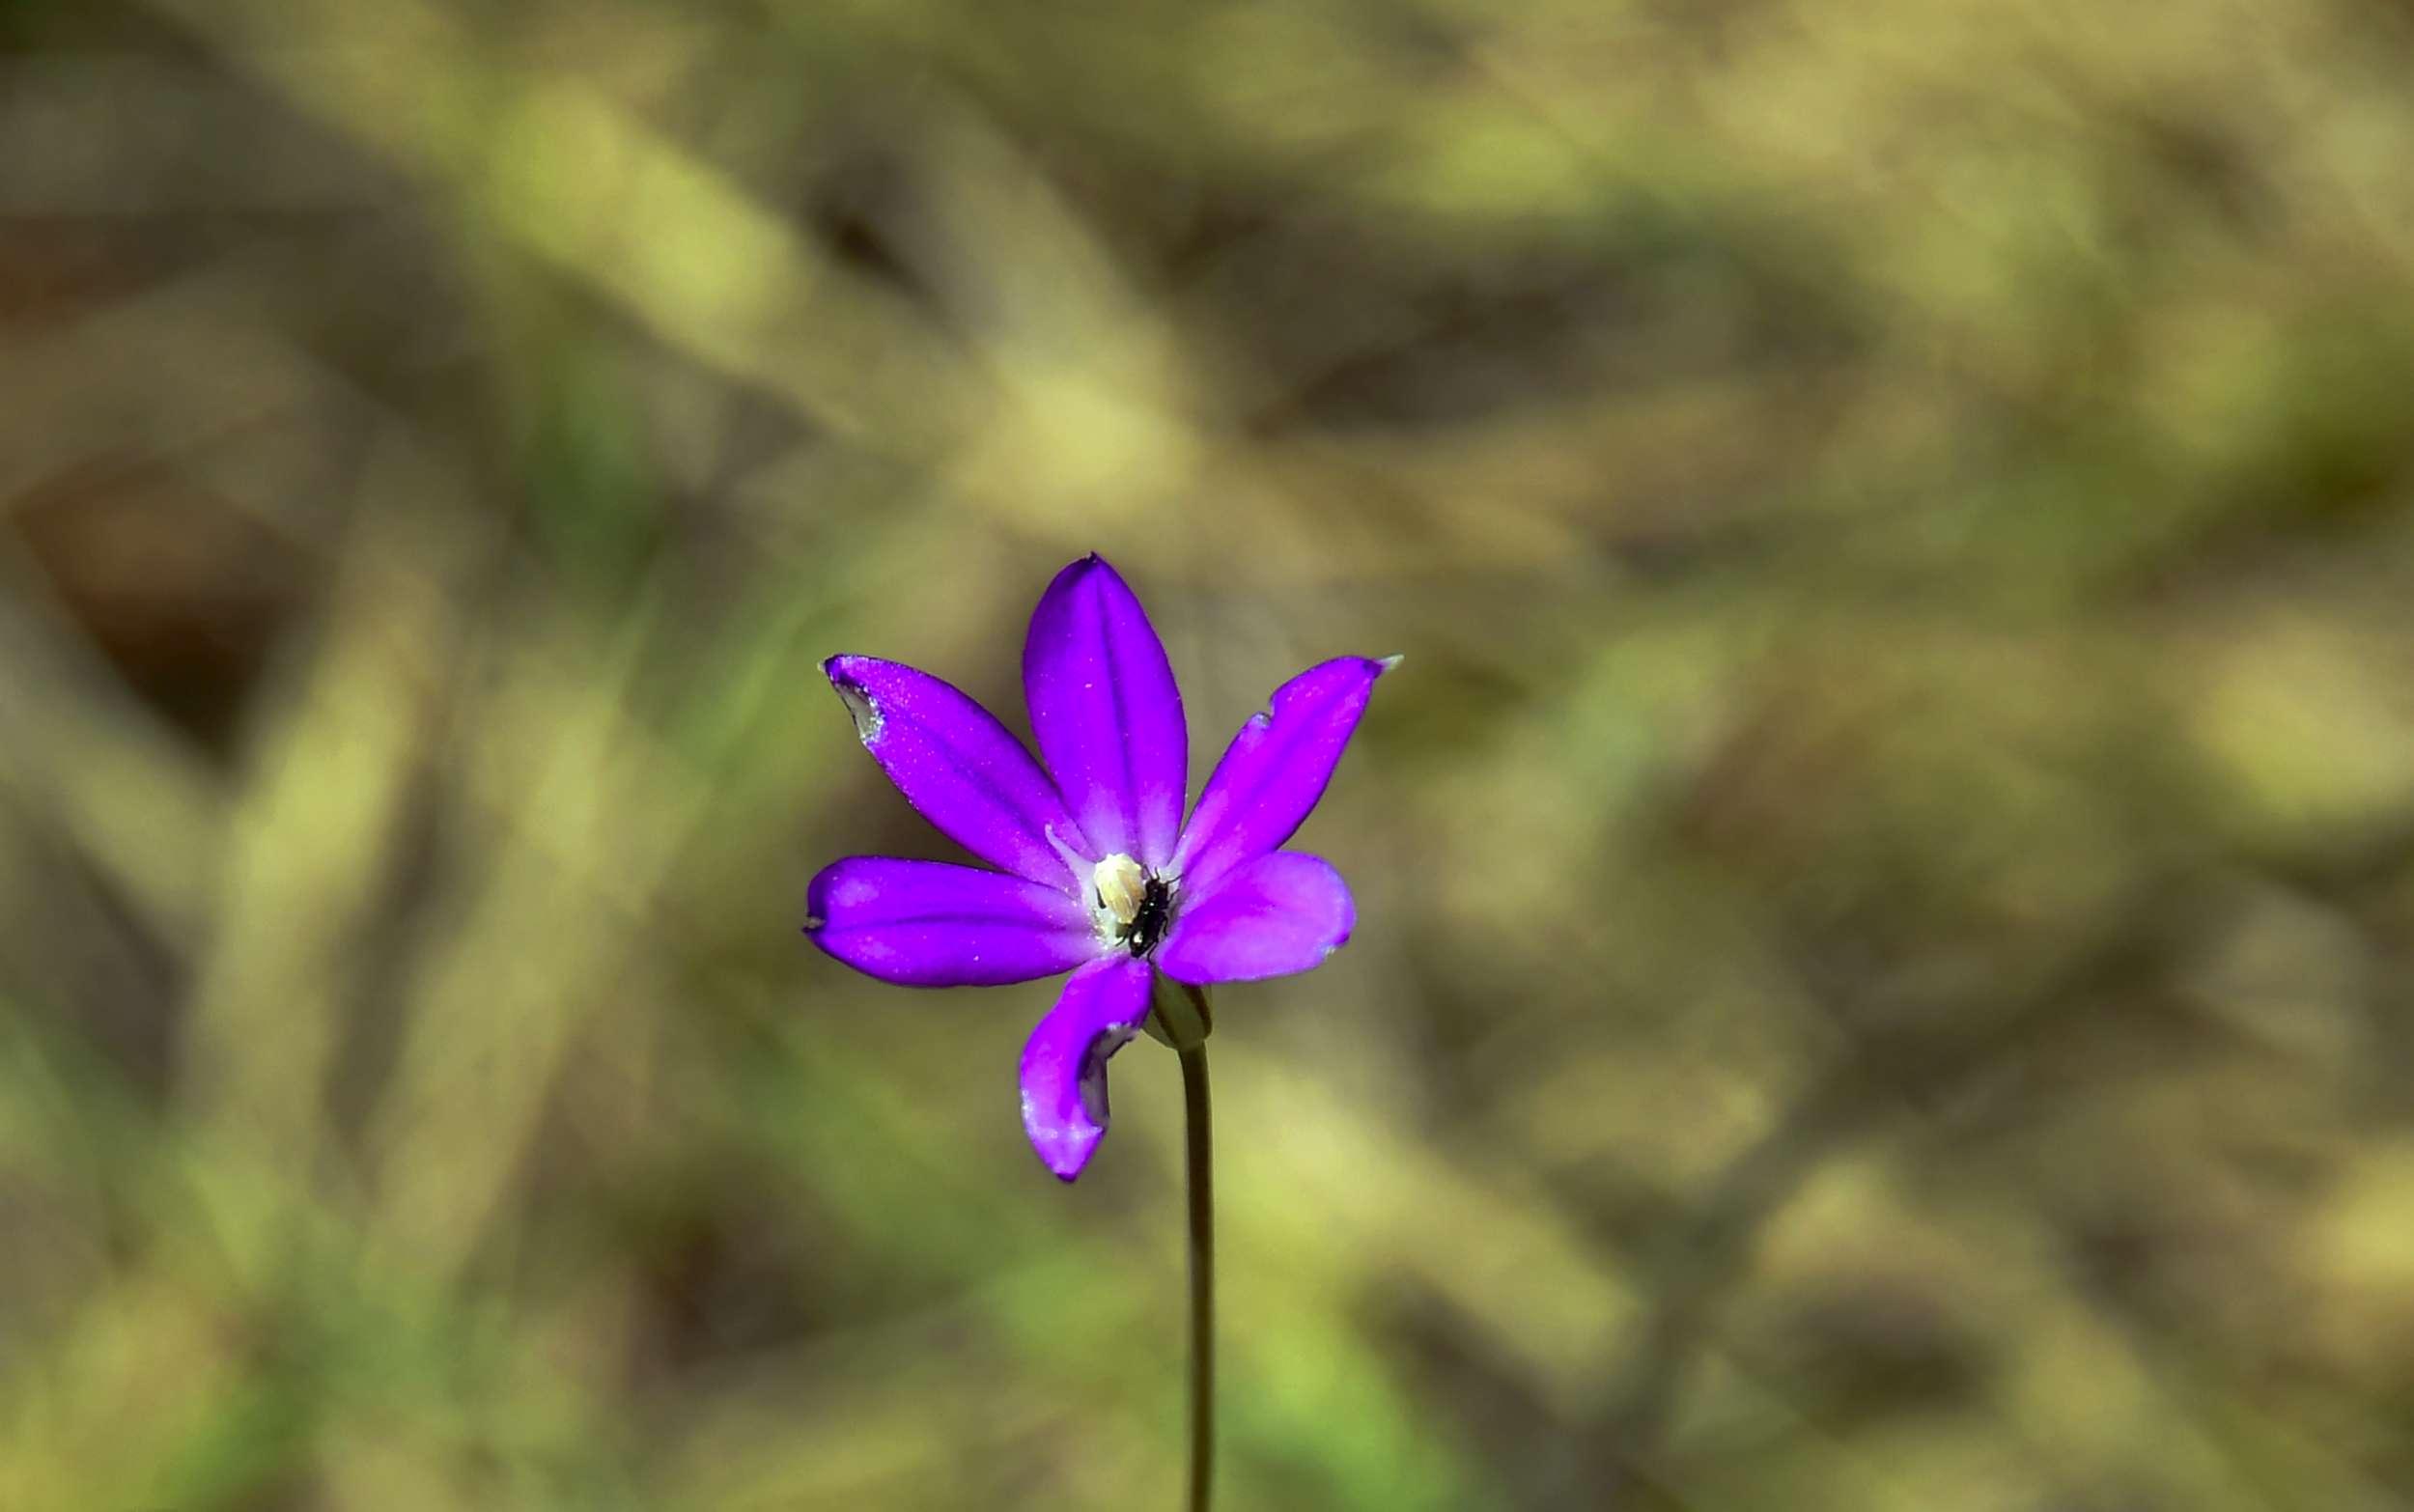 बीते 250 सालों में 600 पौधों की प्रजातियां पृथ्वी से हो गईं लुप्त